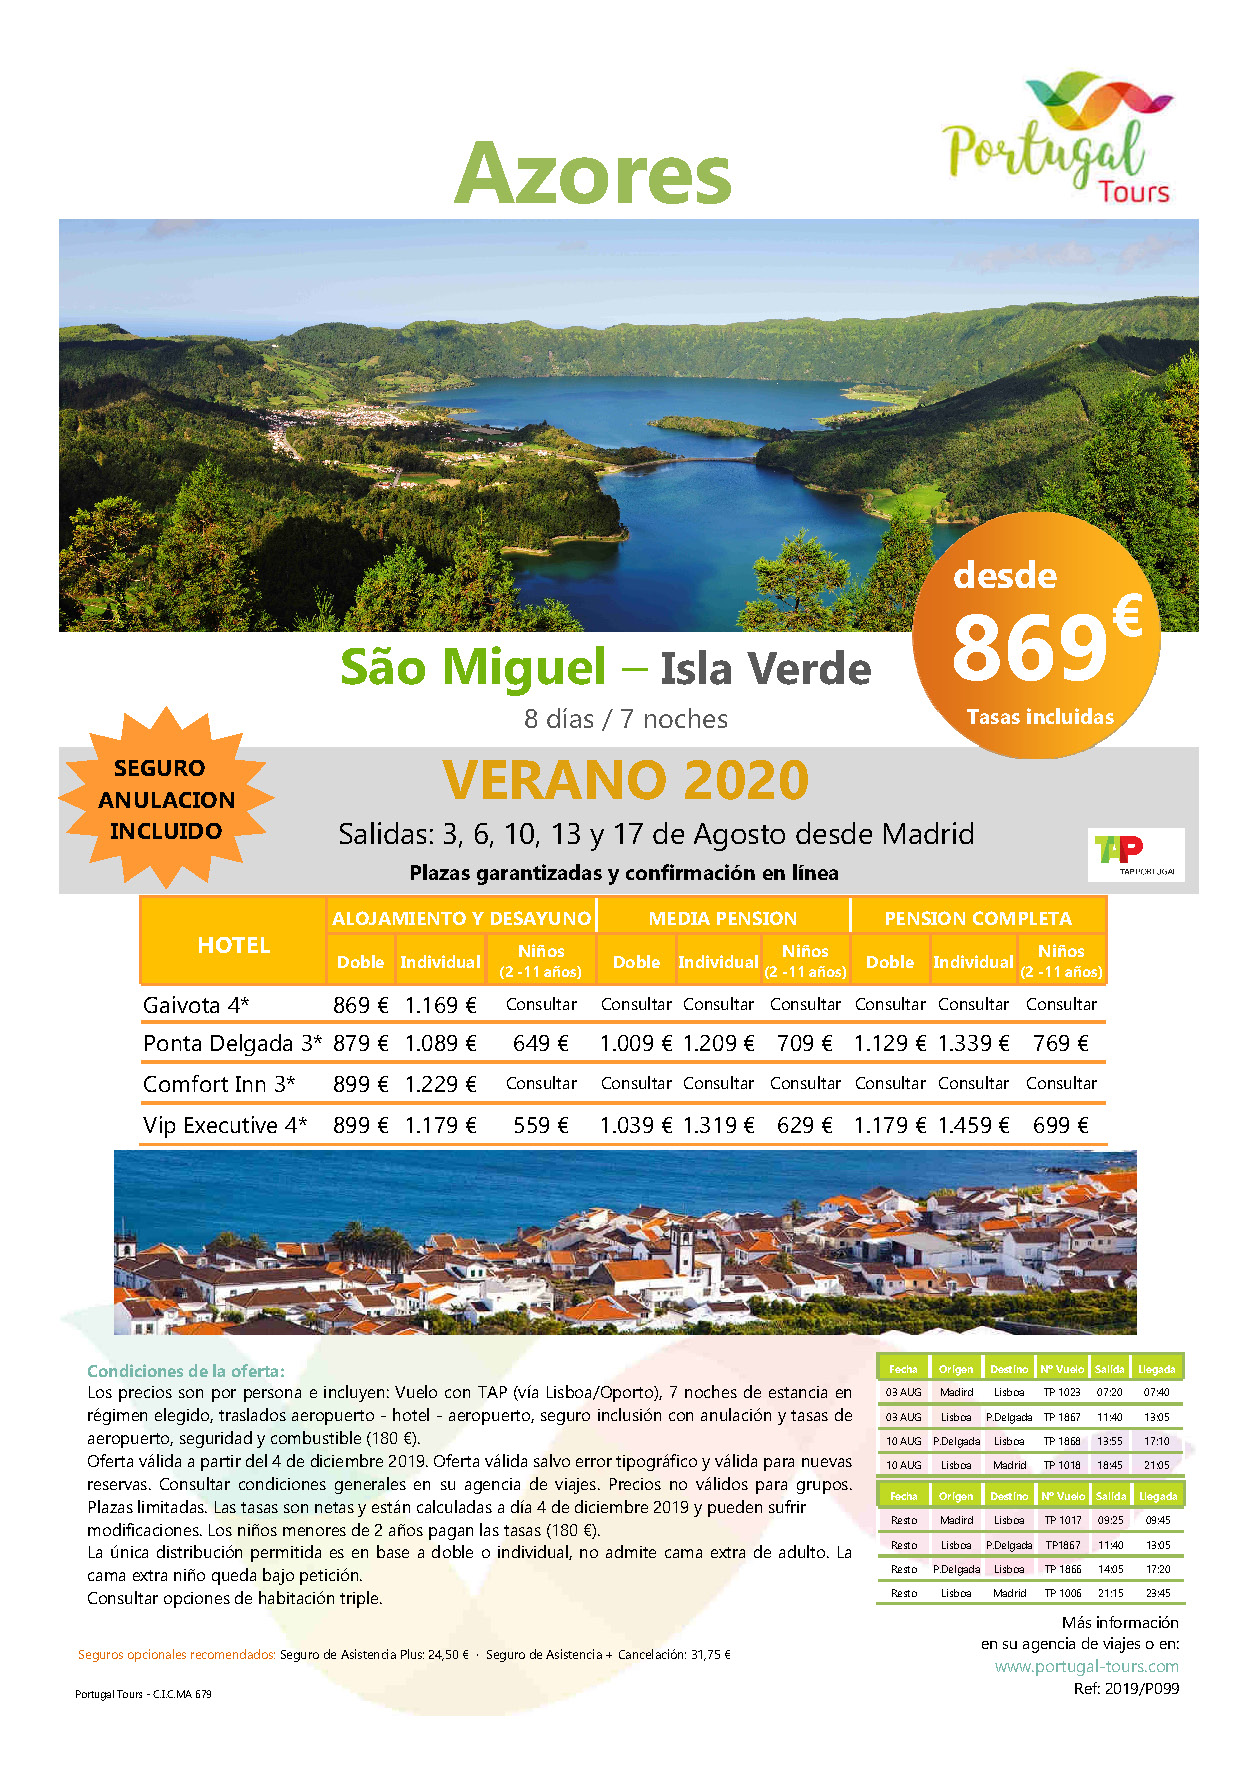 Oferta Portugal Tours Verano en San Miguel Azores salida desde Madrid